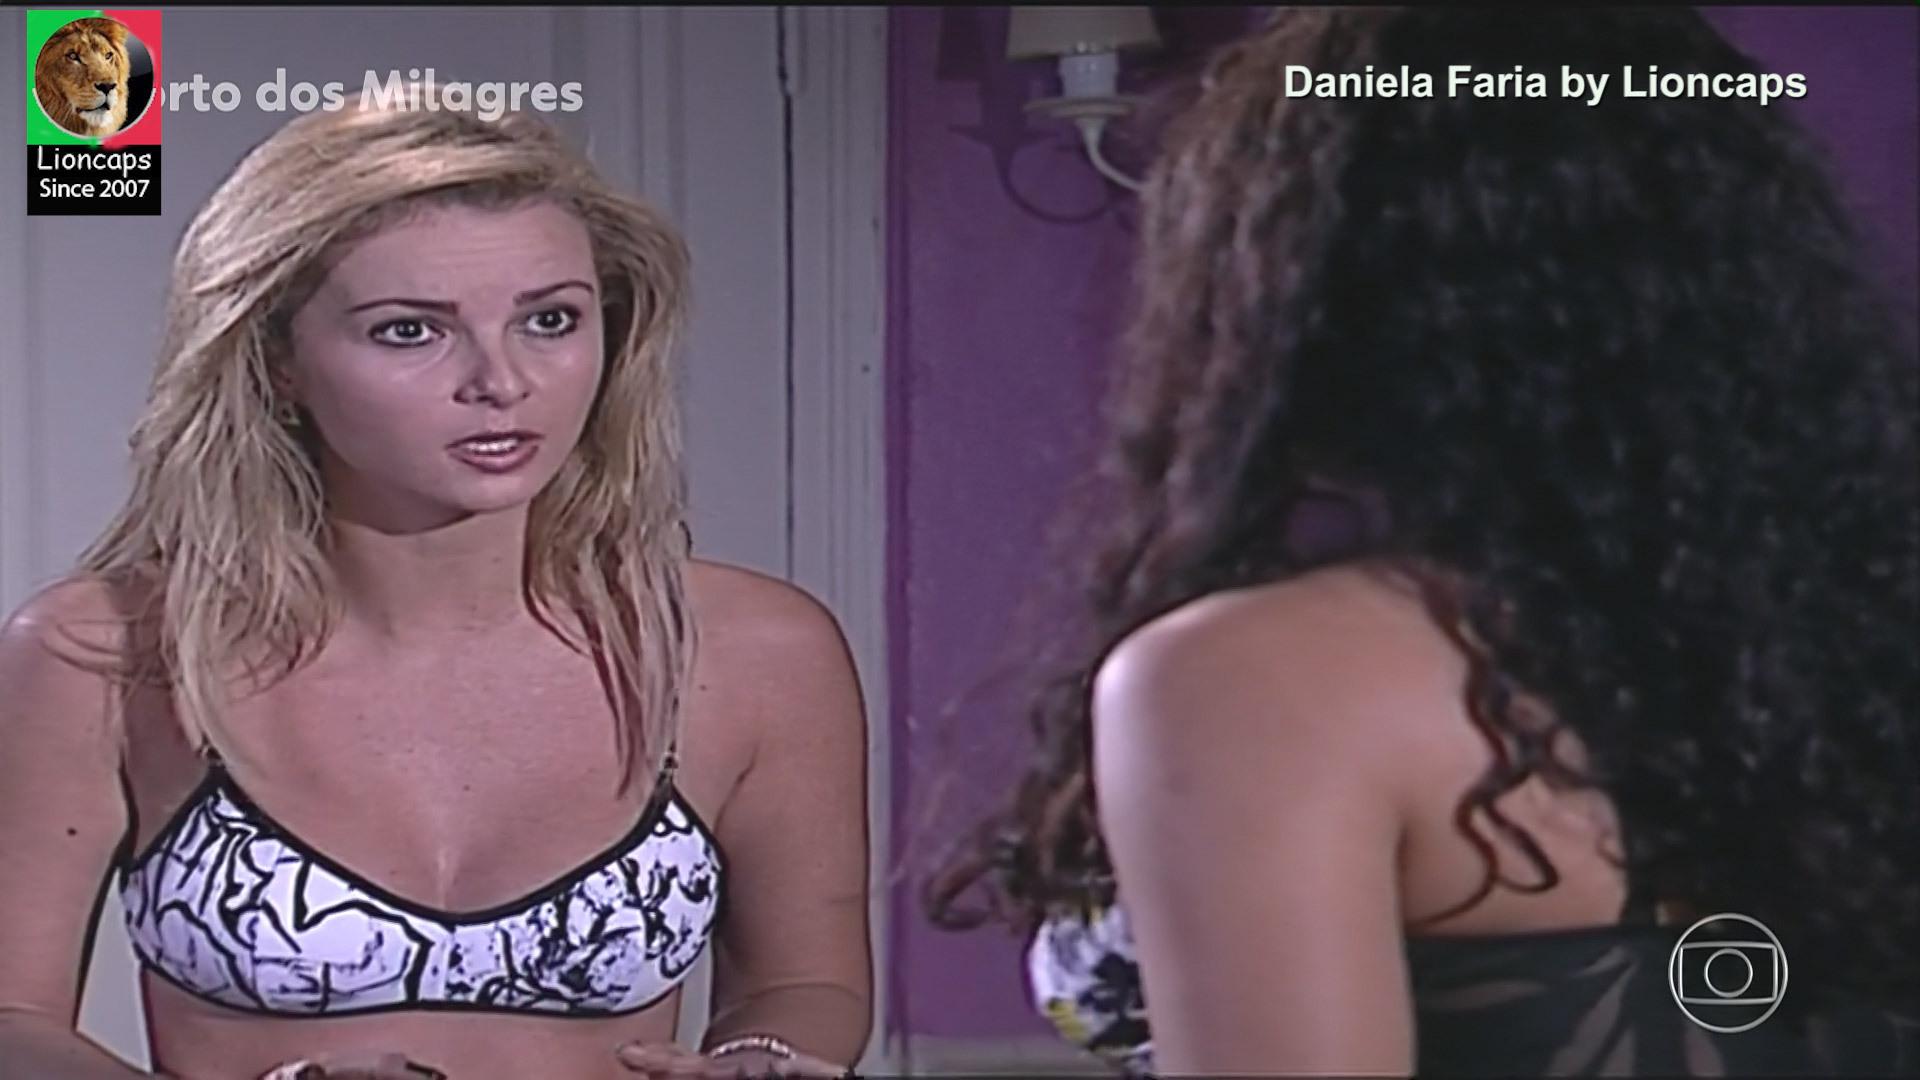 daniela_faria (27).jpg